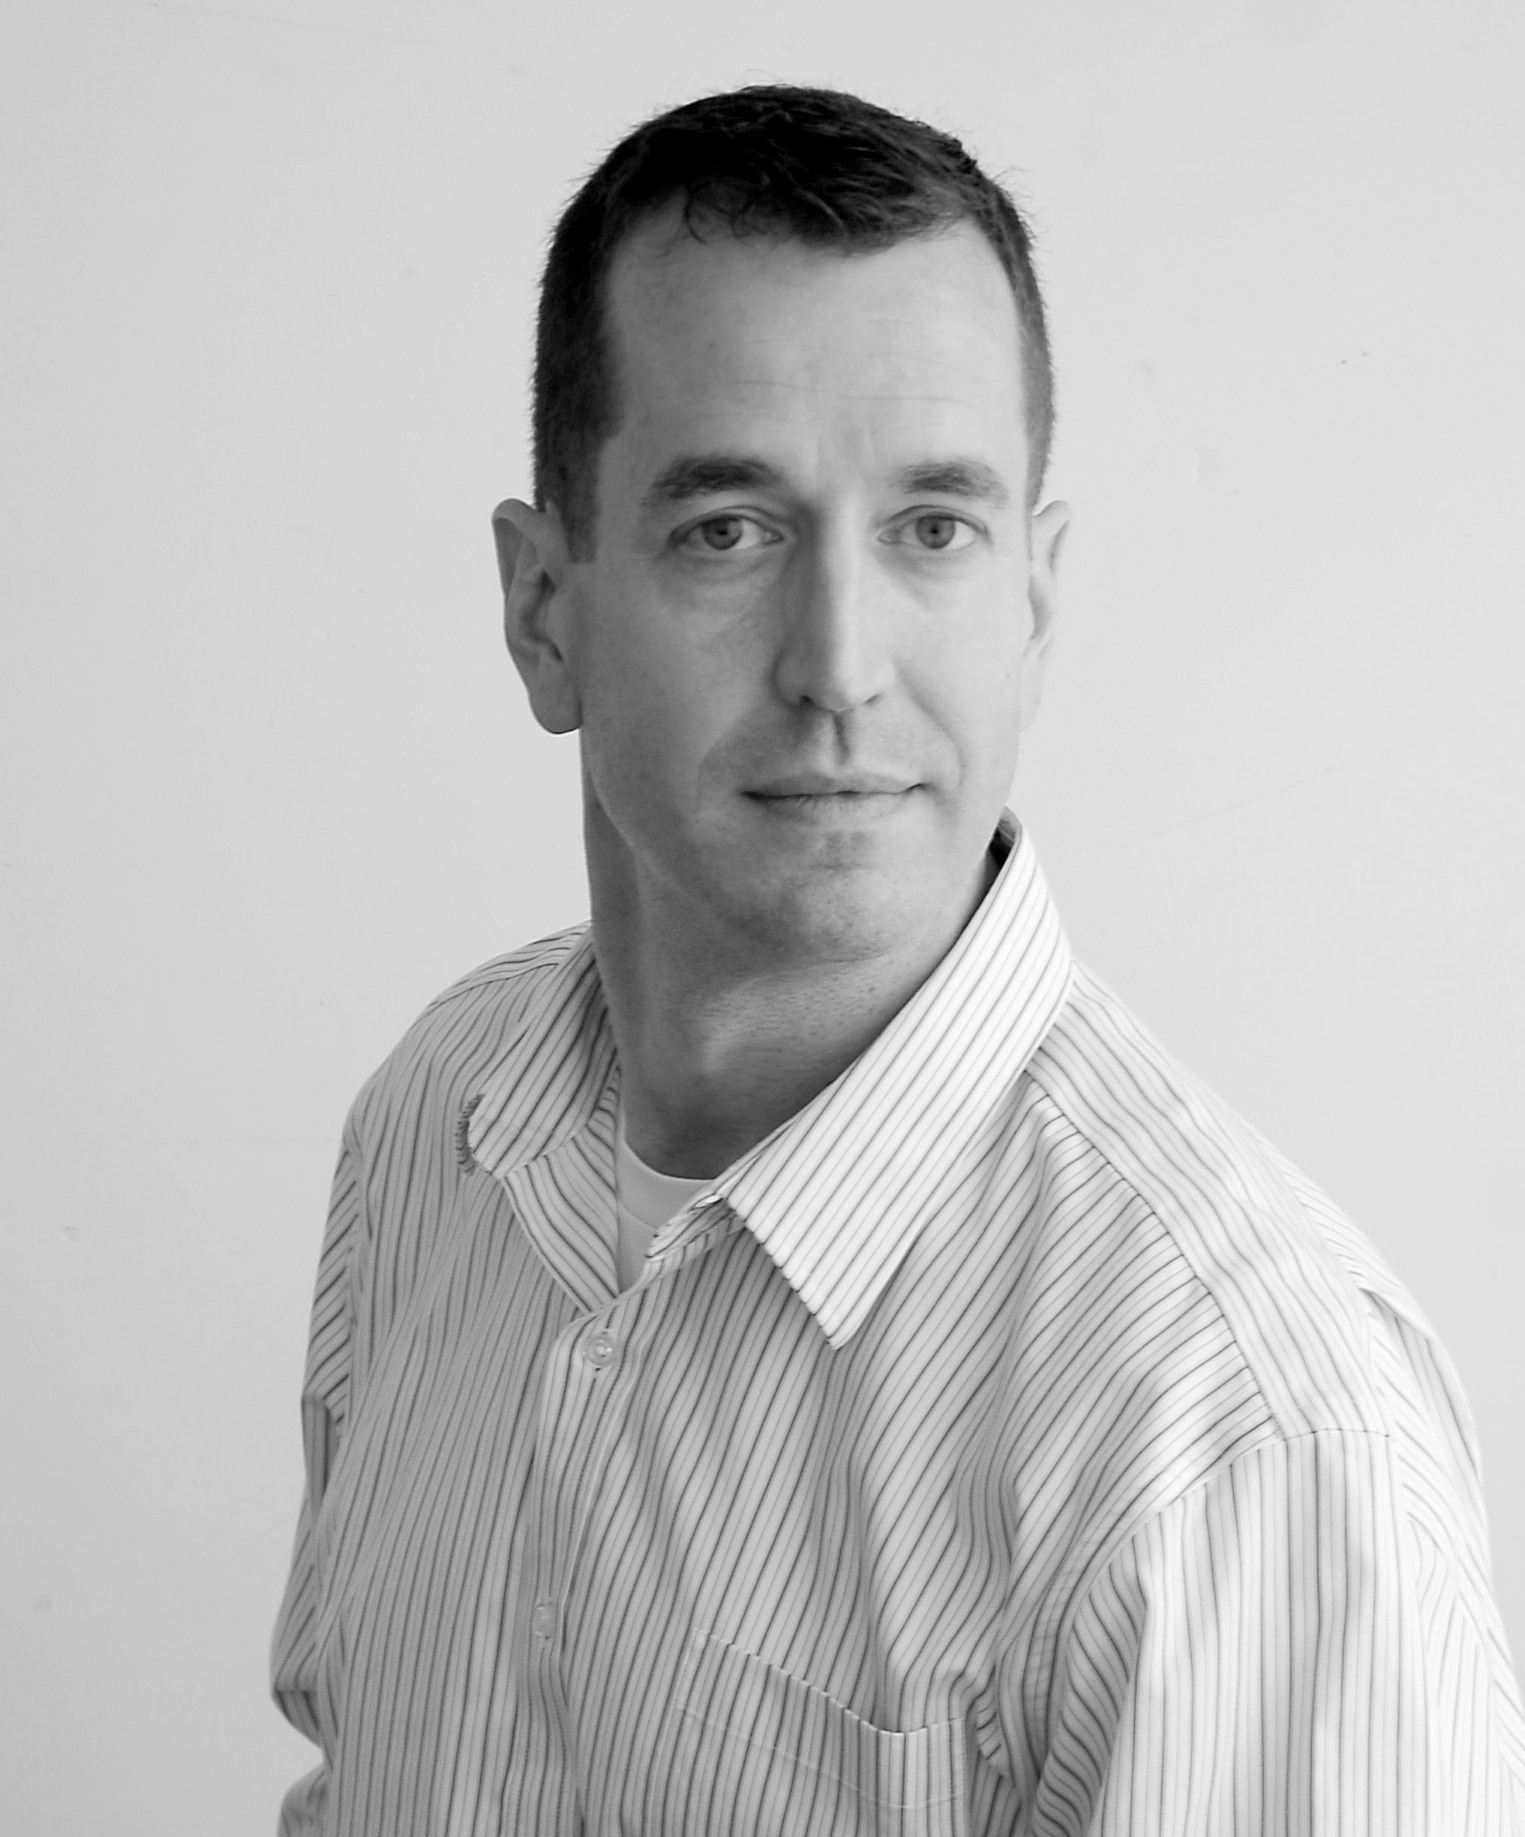 David McCaleb Profile Picture BW